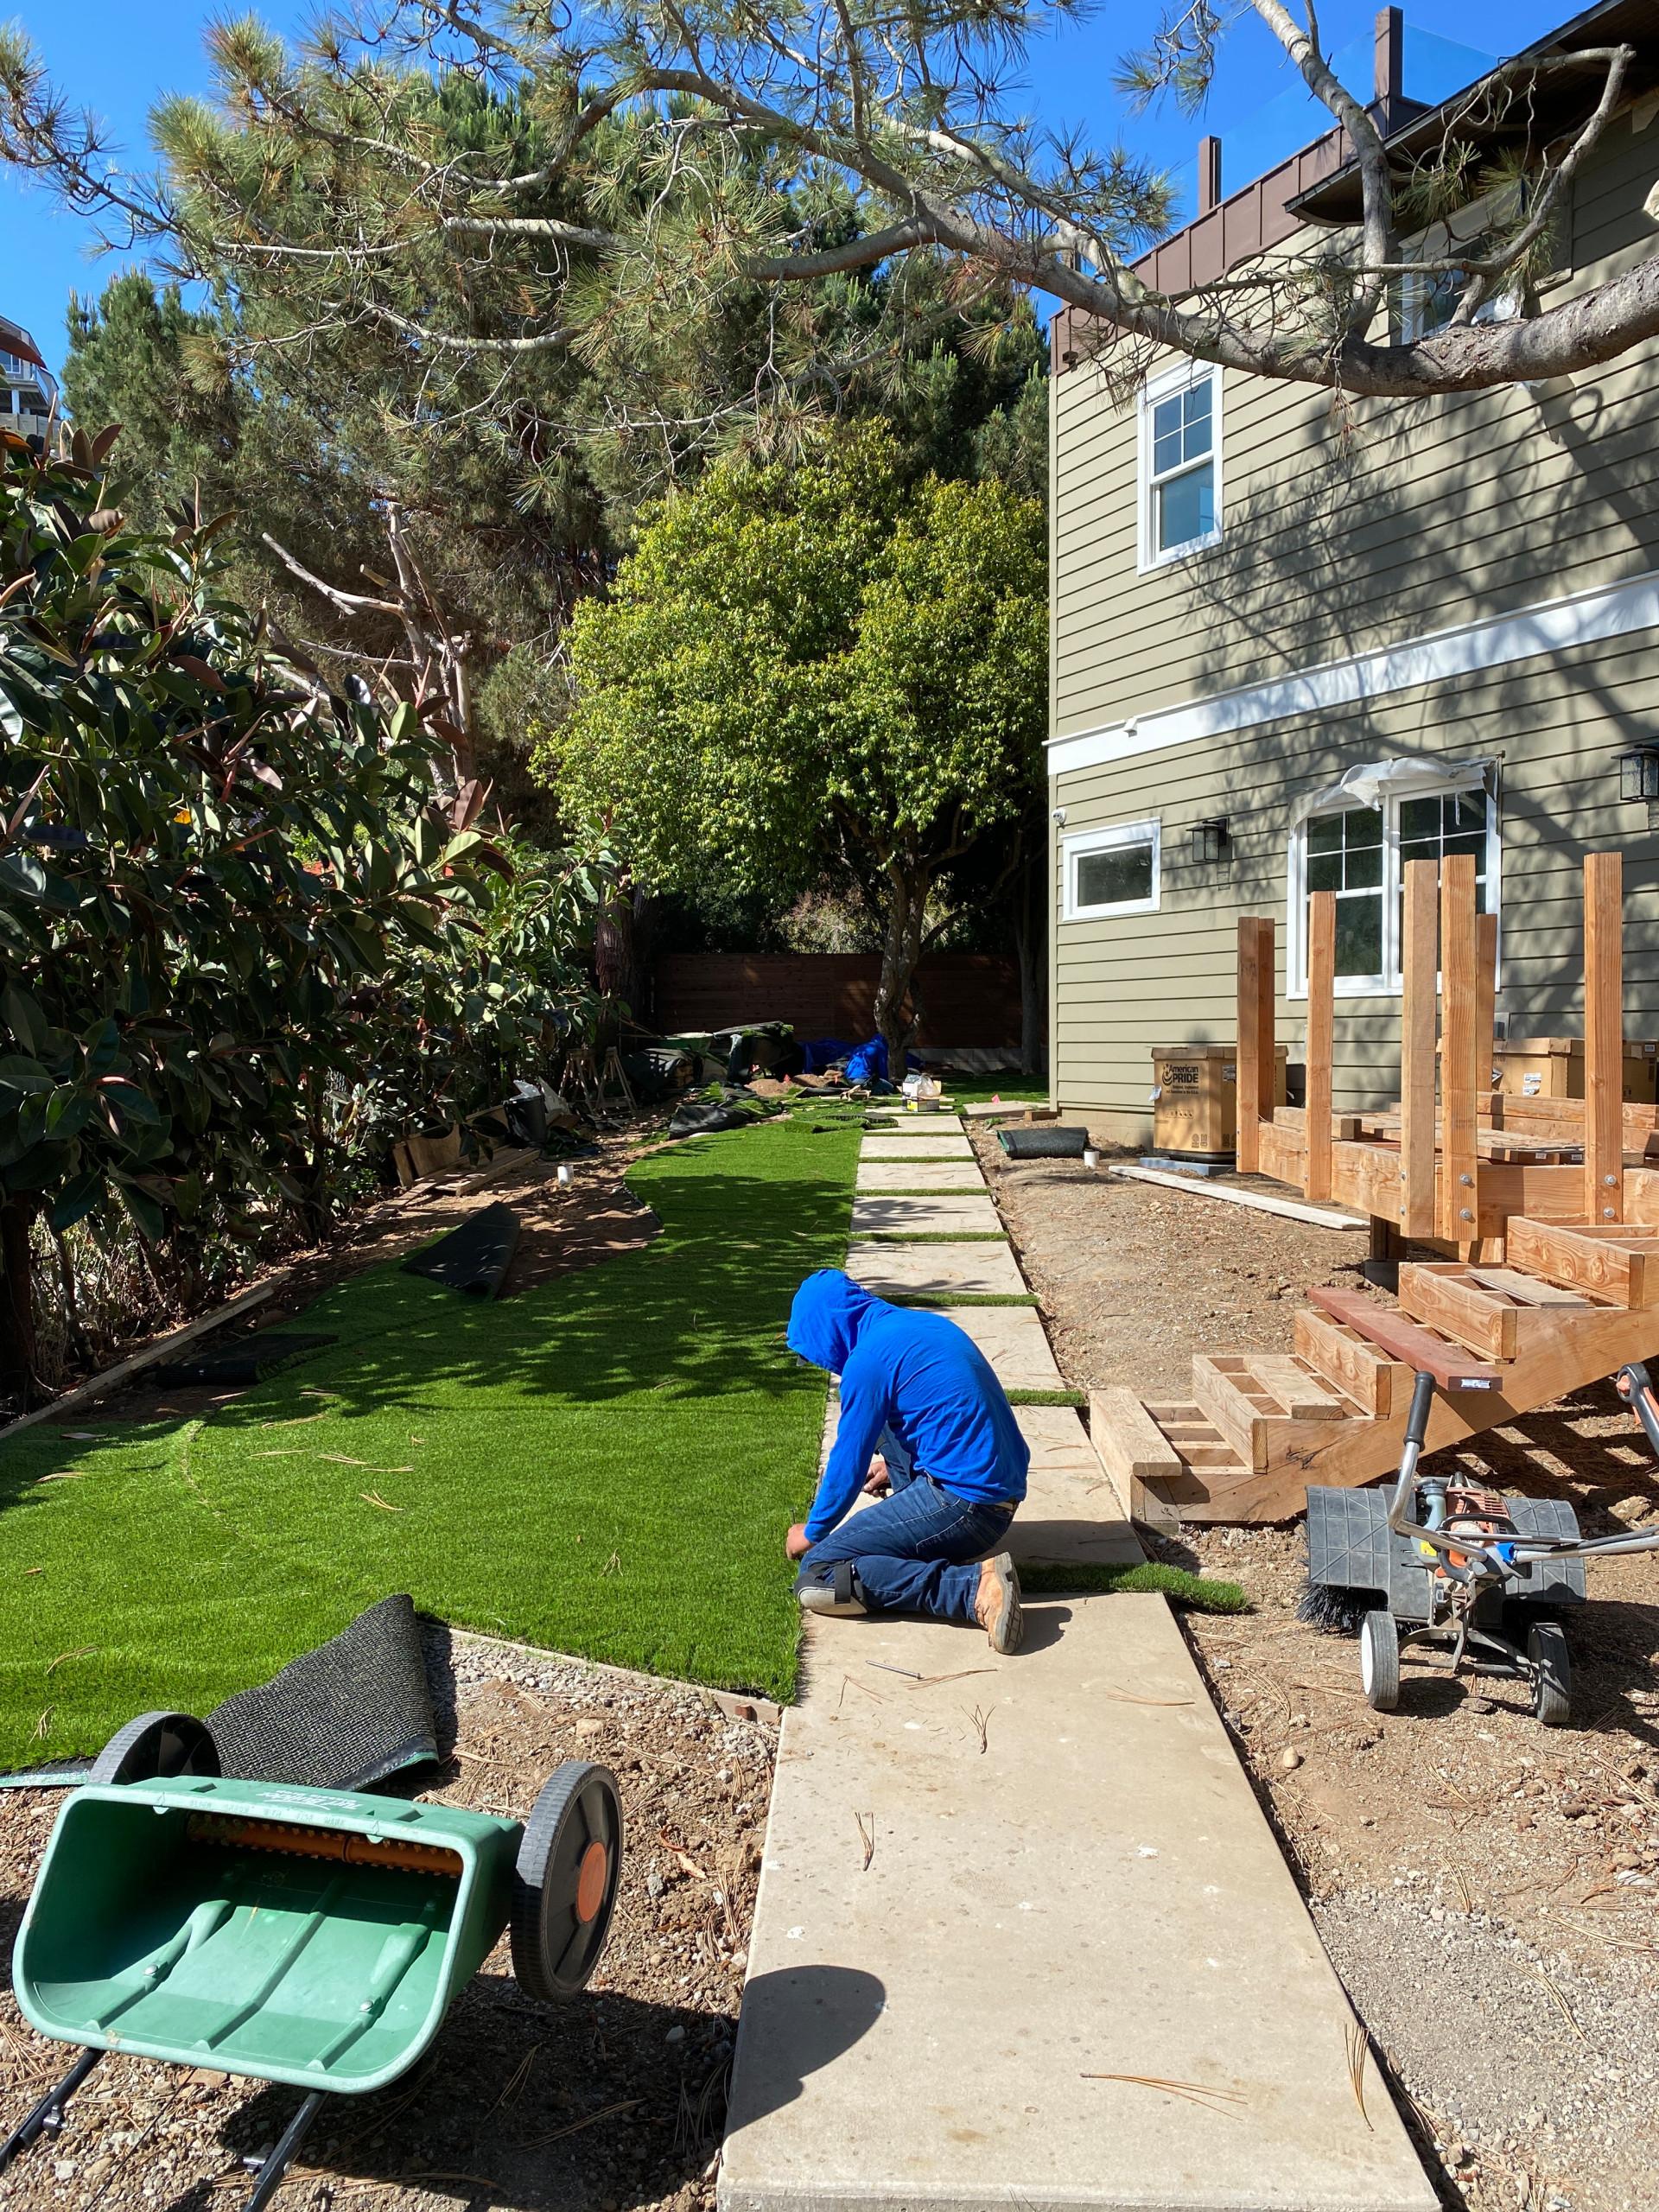 Installing Artificial Turf in La Jolla Backyard